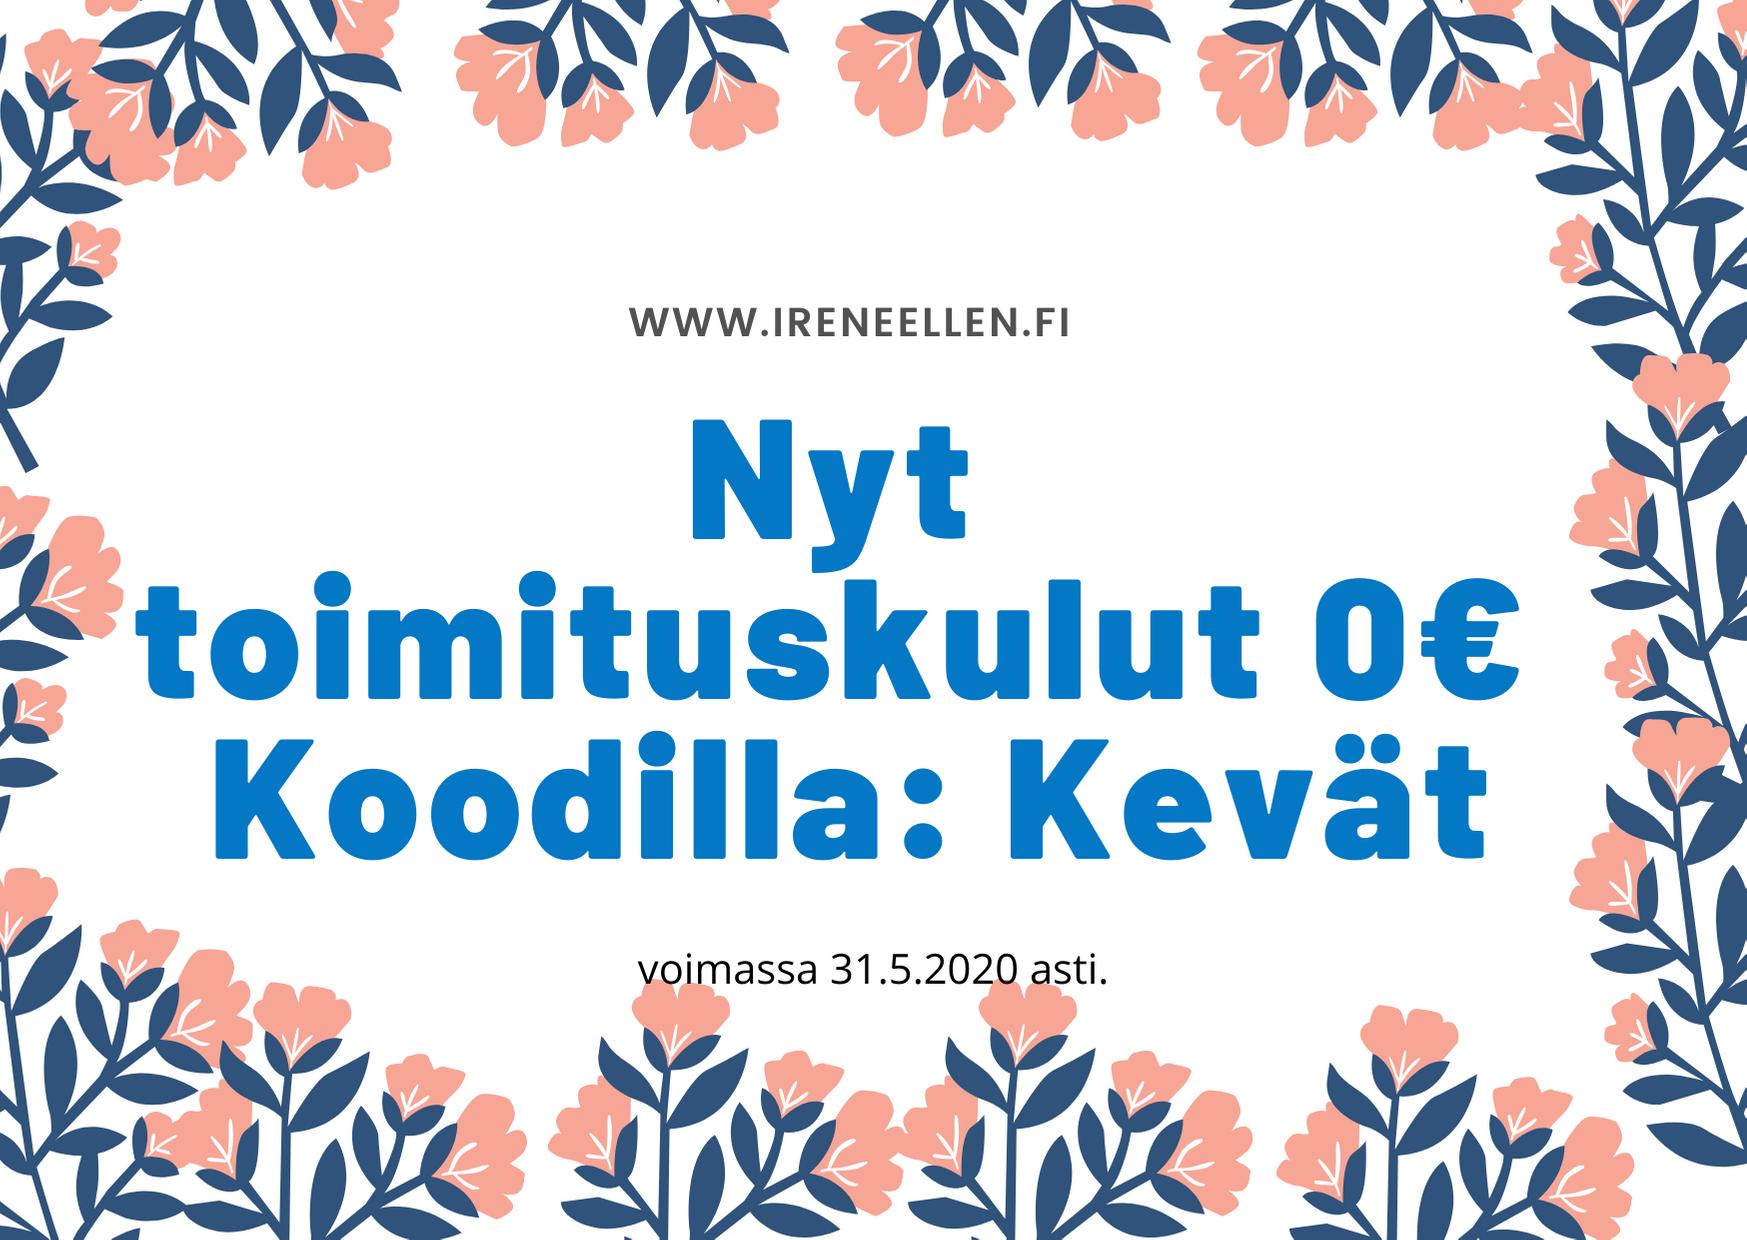 Nyt-toimituskulut-0€-Koodille_-Kevät-1